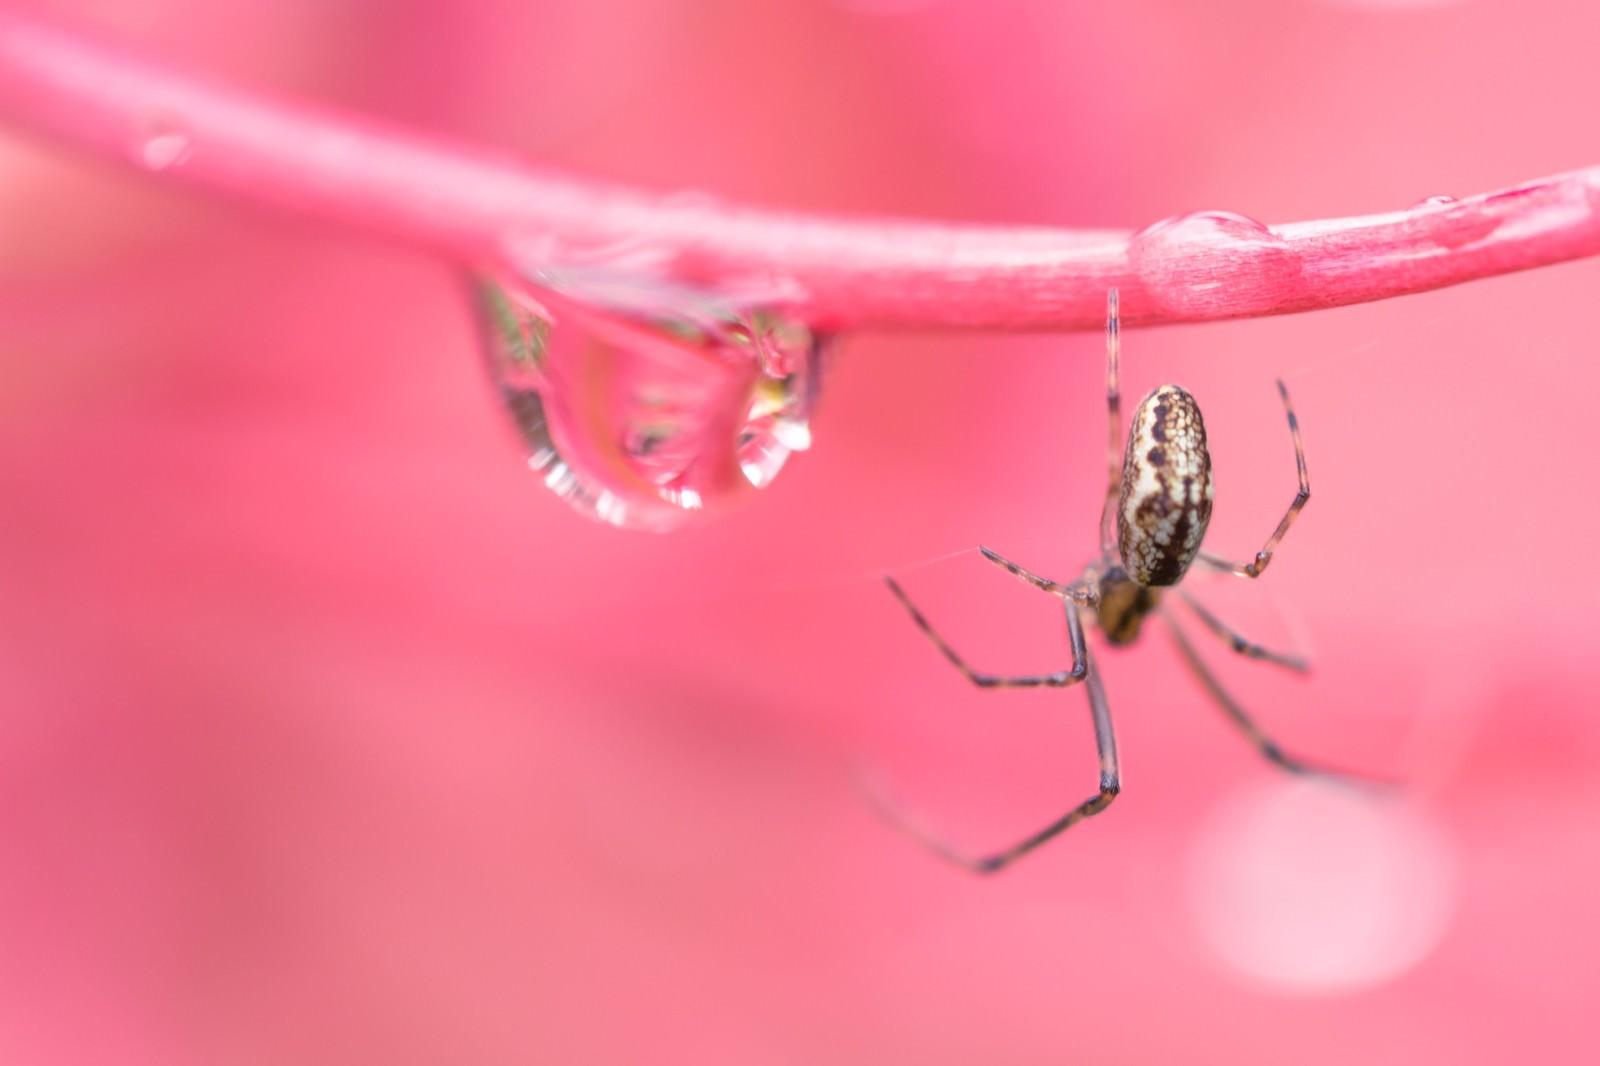 「水滴と蜘蛛(マクロ撮影)水滴と蜘蛛(マクロ撮影)」のフリー写真素材を拡大